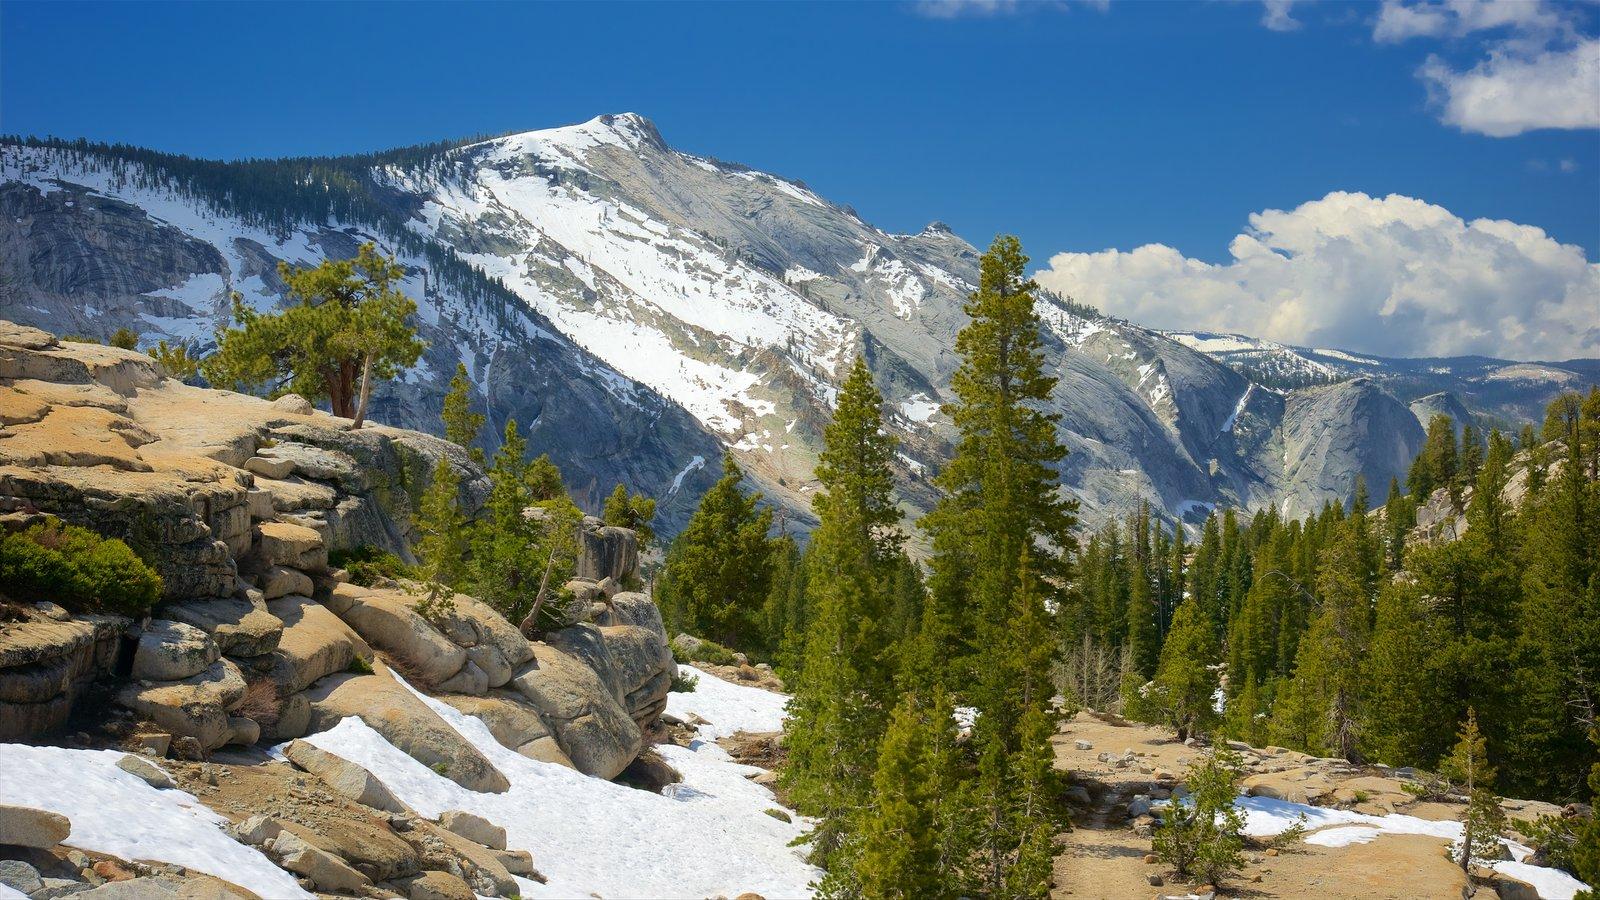 Olmsted Point que inclui paisagem, cenas tranquilas e neve